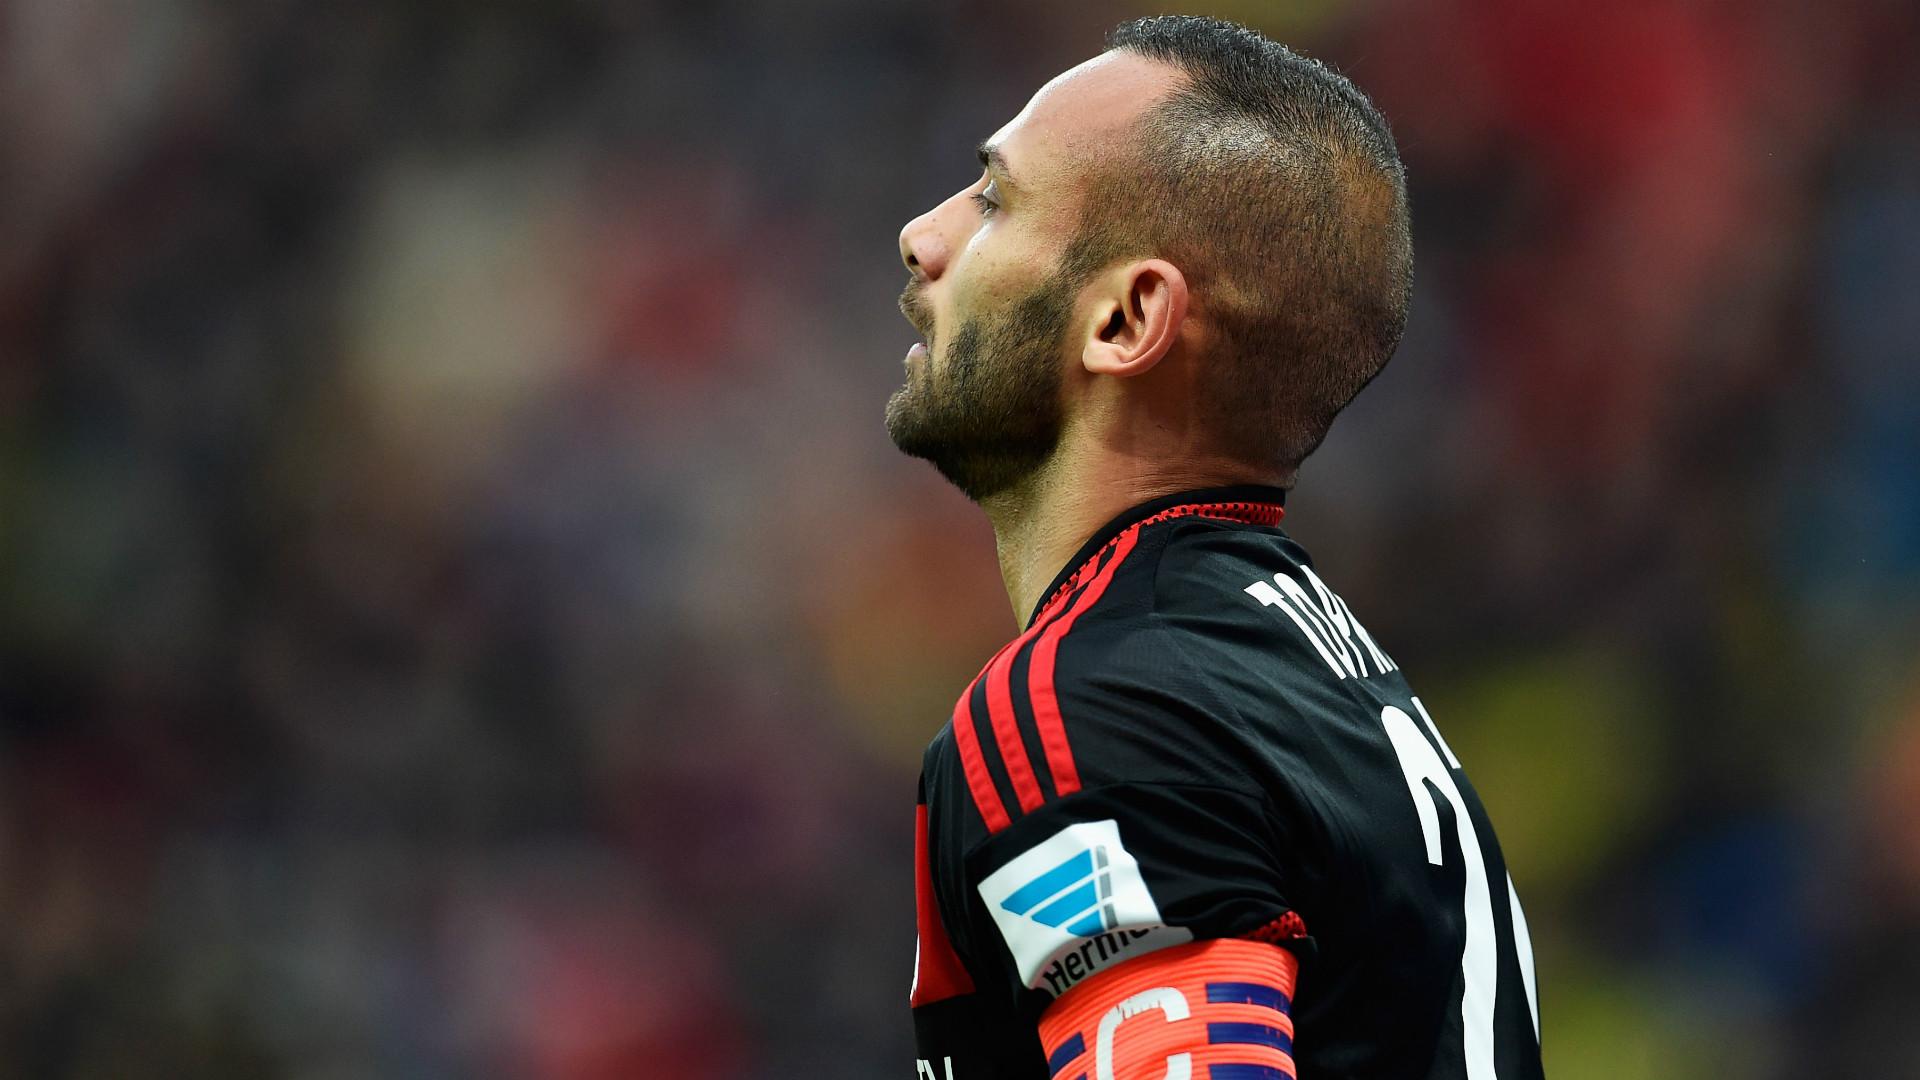 Leverkusen's Toprek to switch to Dortmund in summer